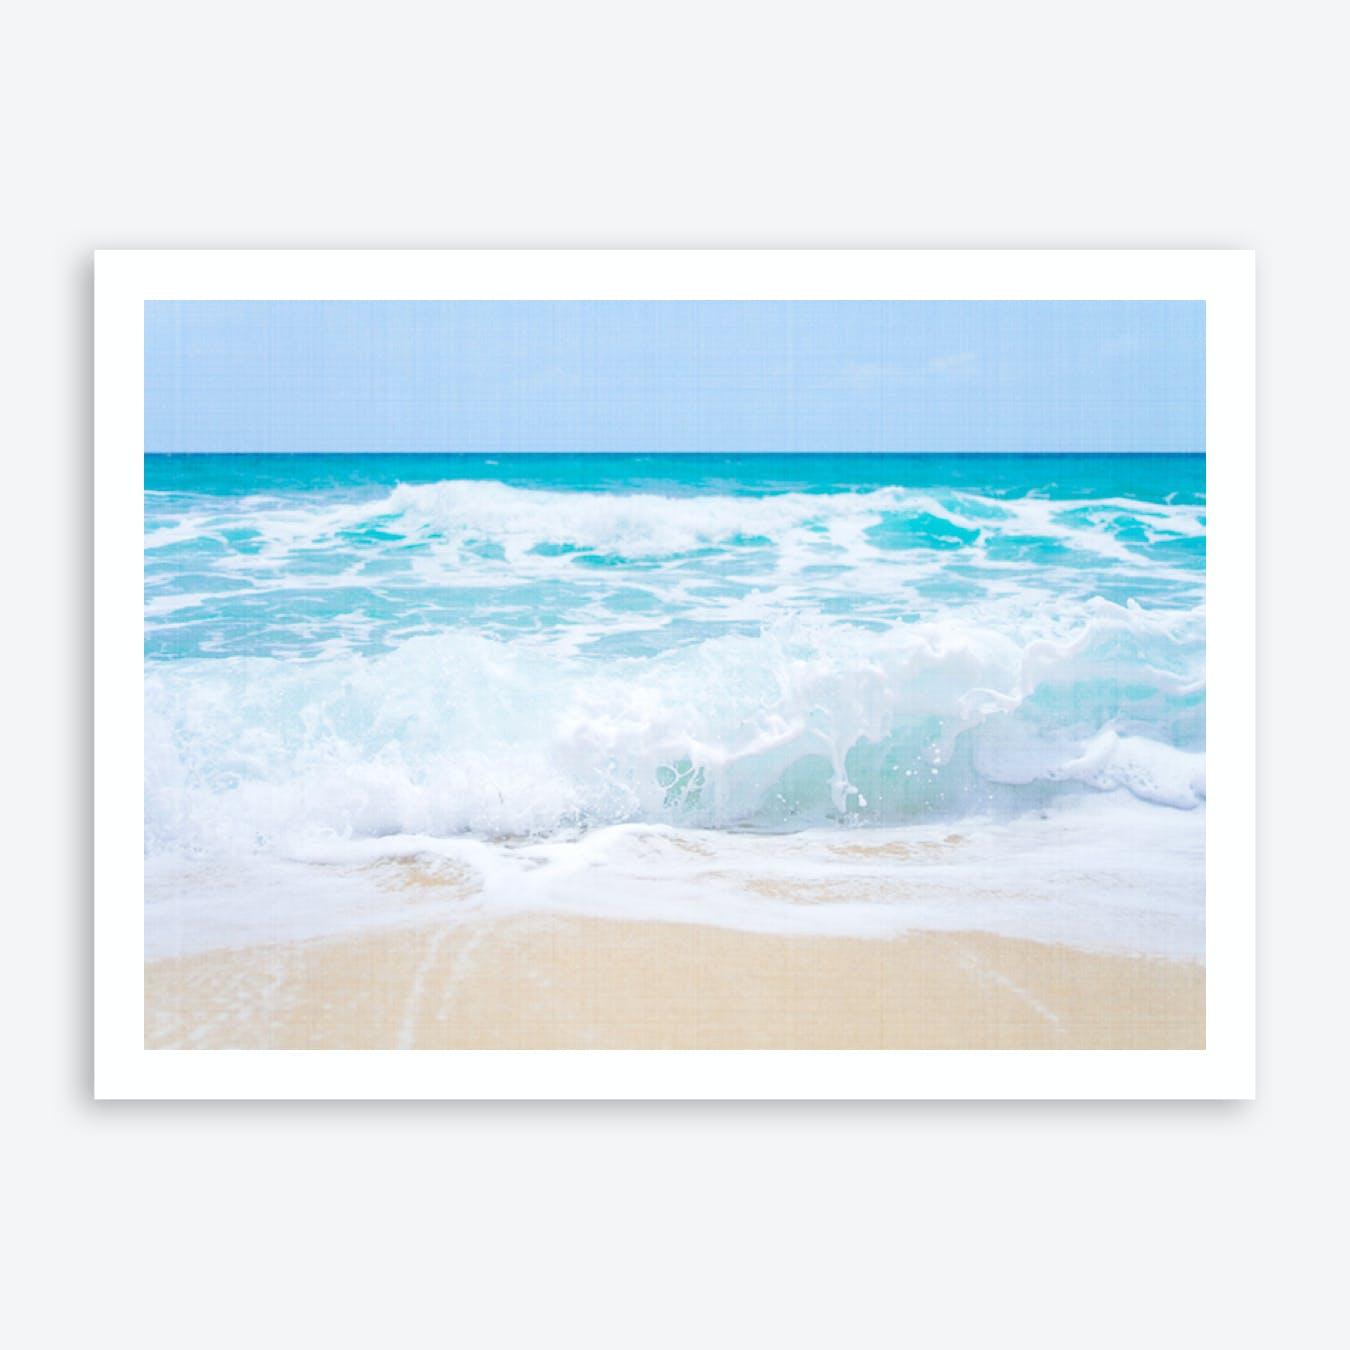 Ocean Waves 2 Print